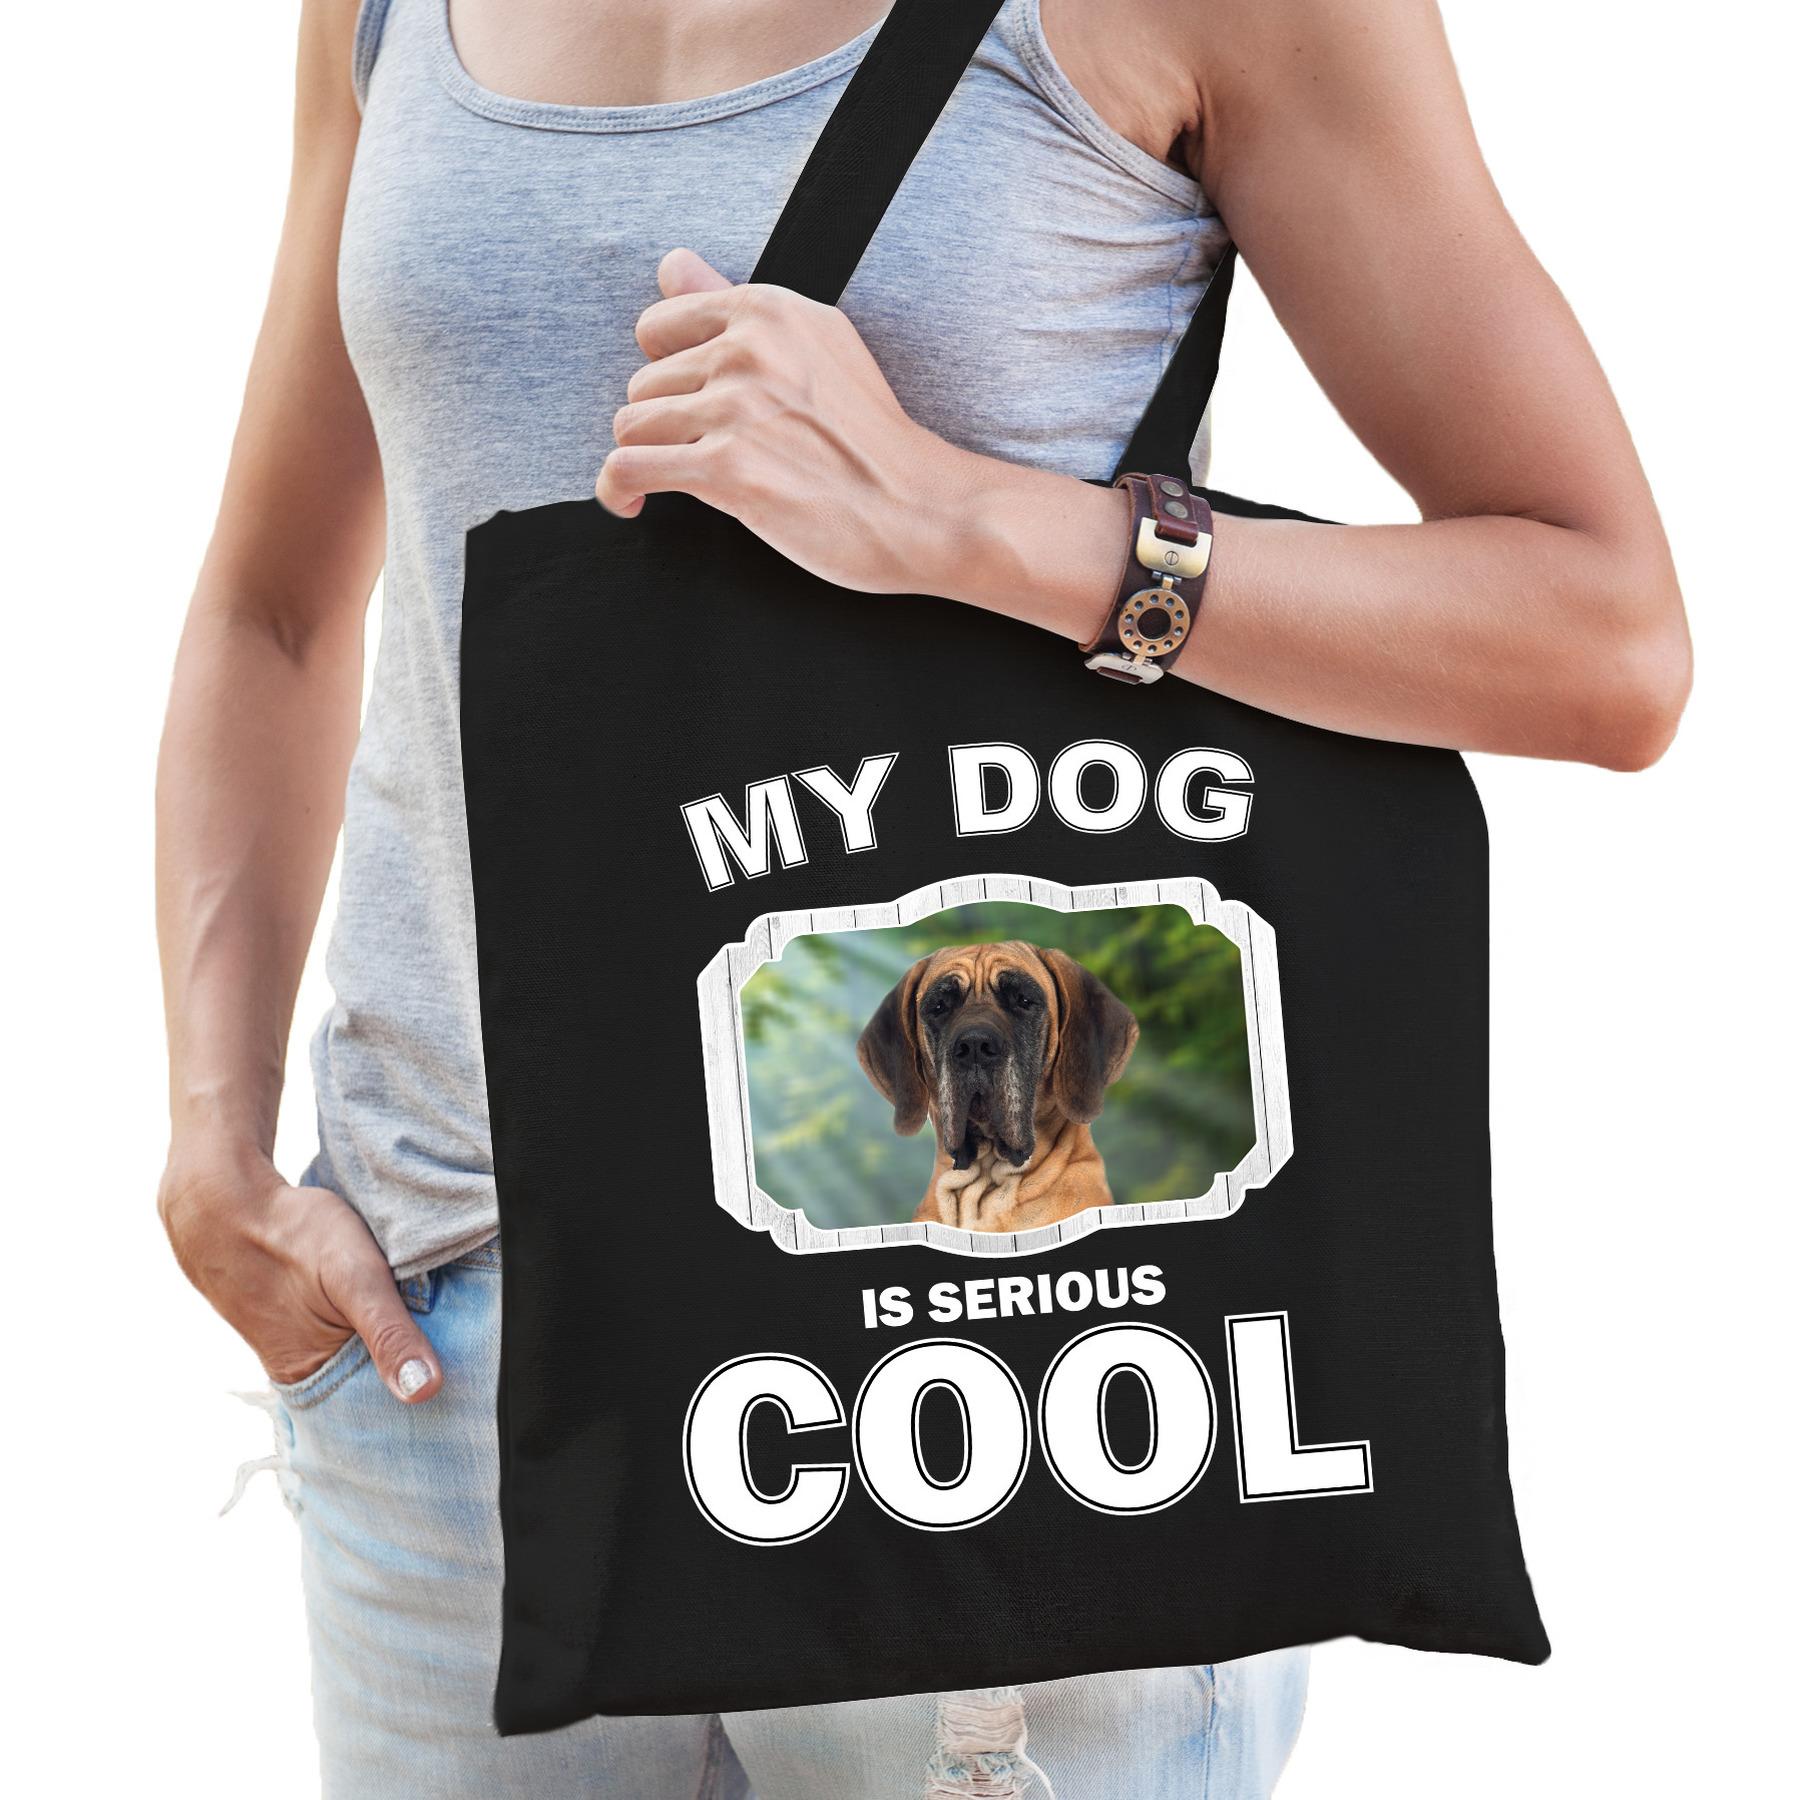 Katoenen tasje my dog is serious cool zwart - Deense dog honden cadeau tas